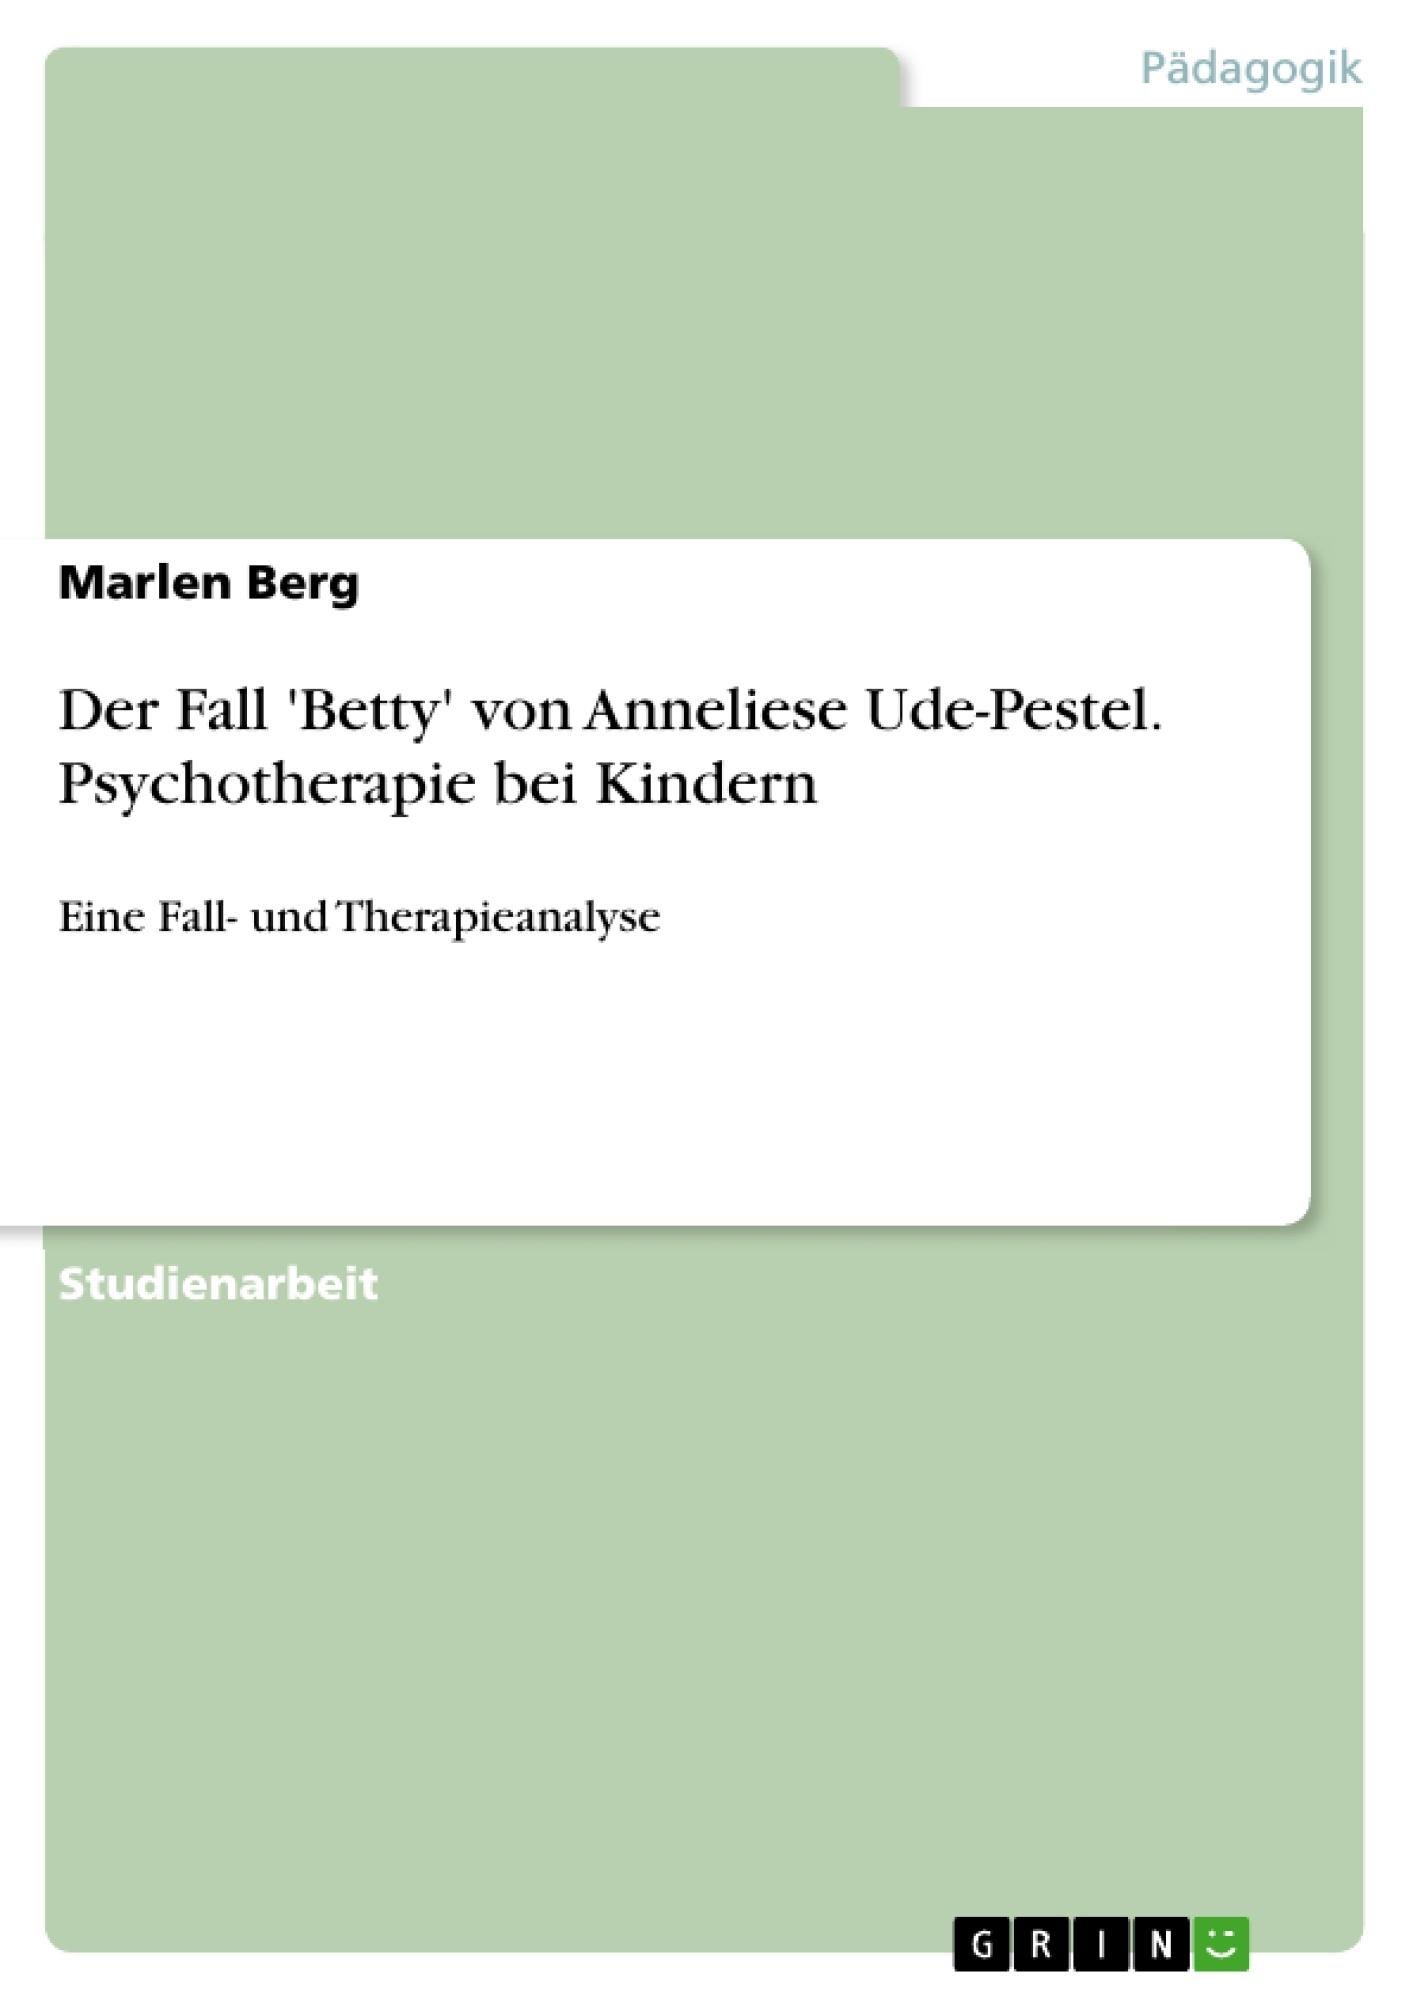 Titel: Der Fall 'Betty' von Anneliese Ude-Pestel. Psychotherapie bei Kindern